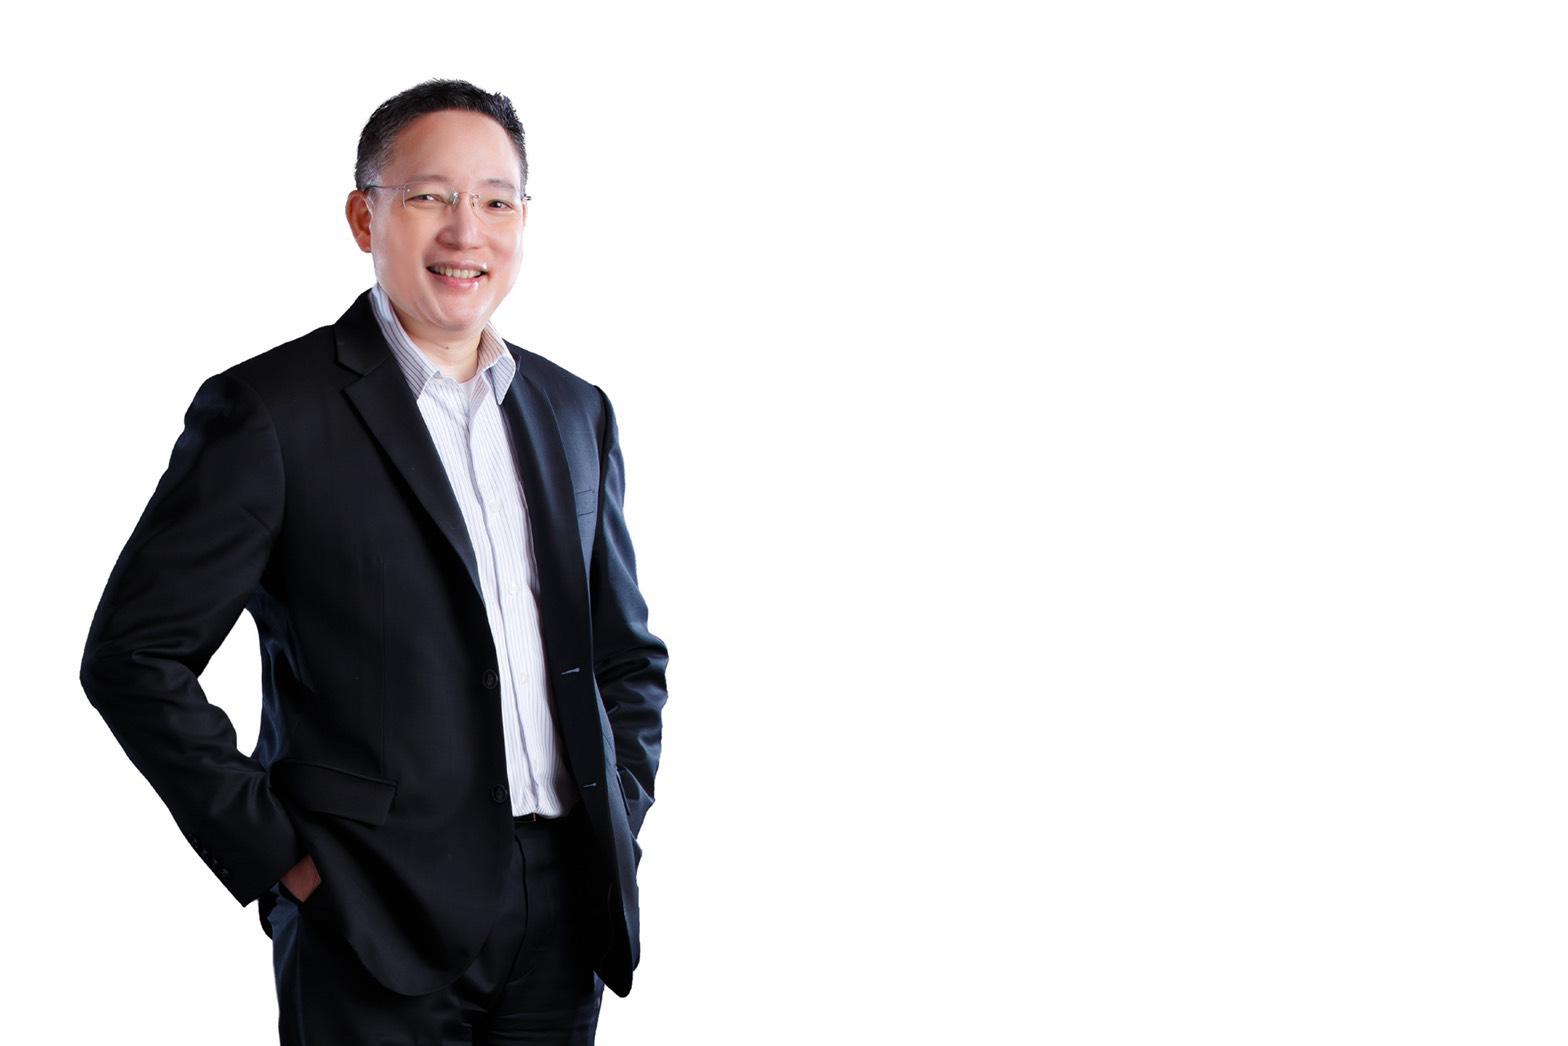 สมาคมธนาคารไทย ยืนยันให้บริการลูกค้า ประชาชนตามปกติพร้อมขยายมาตรการพักชำระหนี้เงินต้นและดอกเบี้ยครอบคลุมพื้นที่สีแดงเข้ม 29 จังหวัด